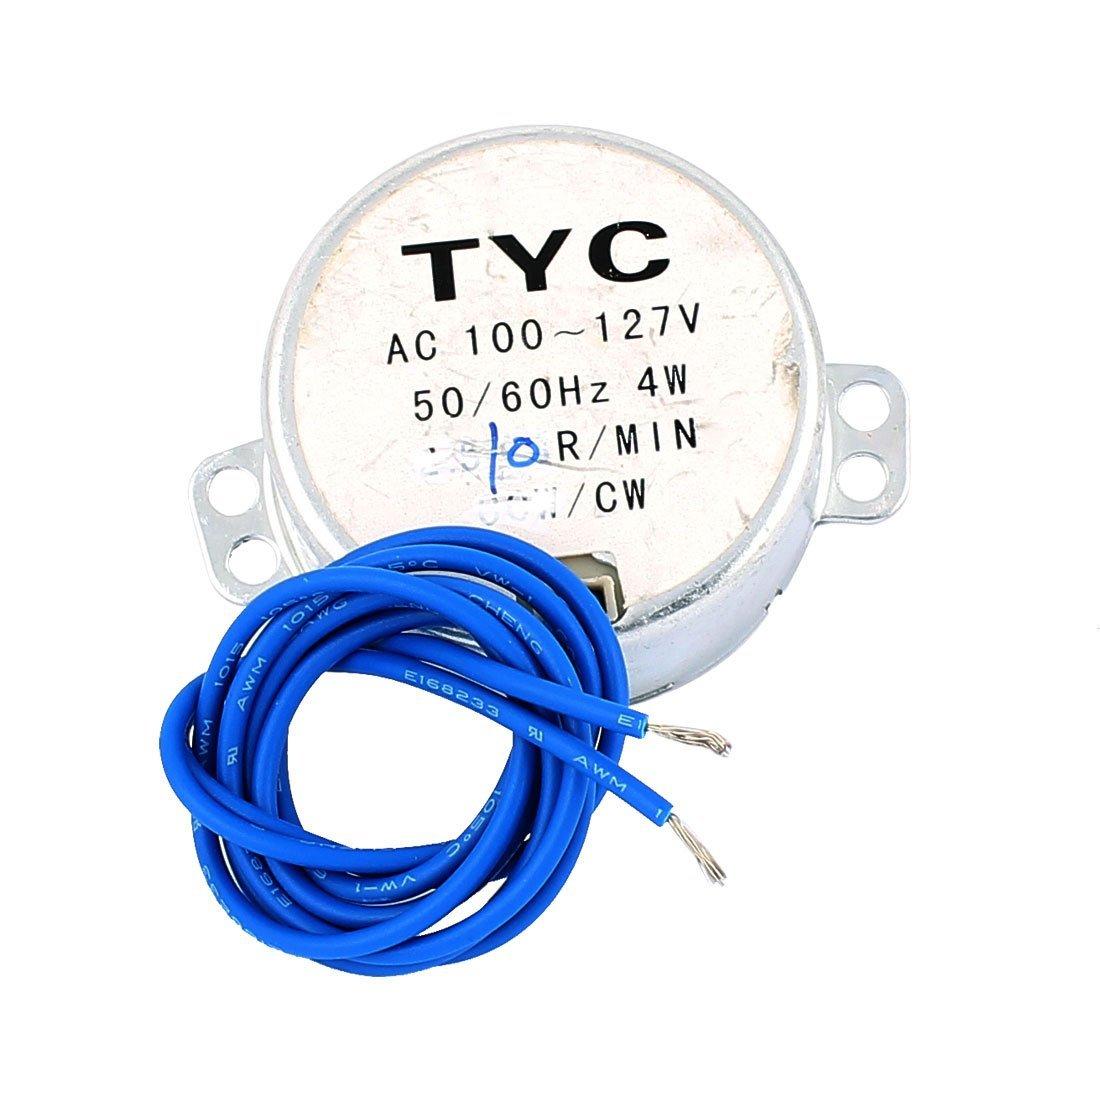 eDealMax AC 100-127 10 rpm de velocidad de salida CW motor síncrono de TYC - - Amazon.com